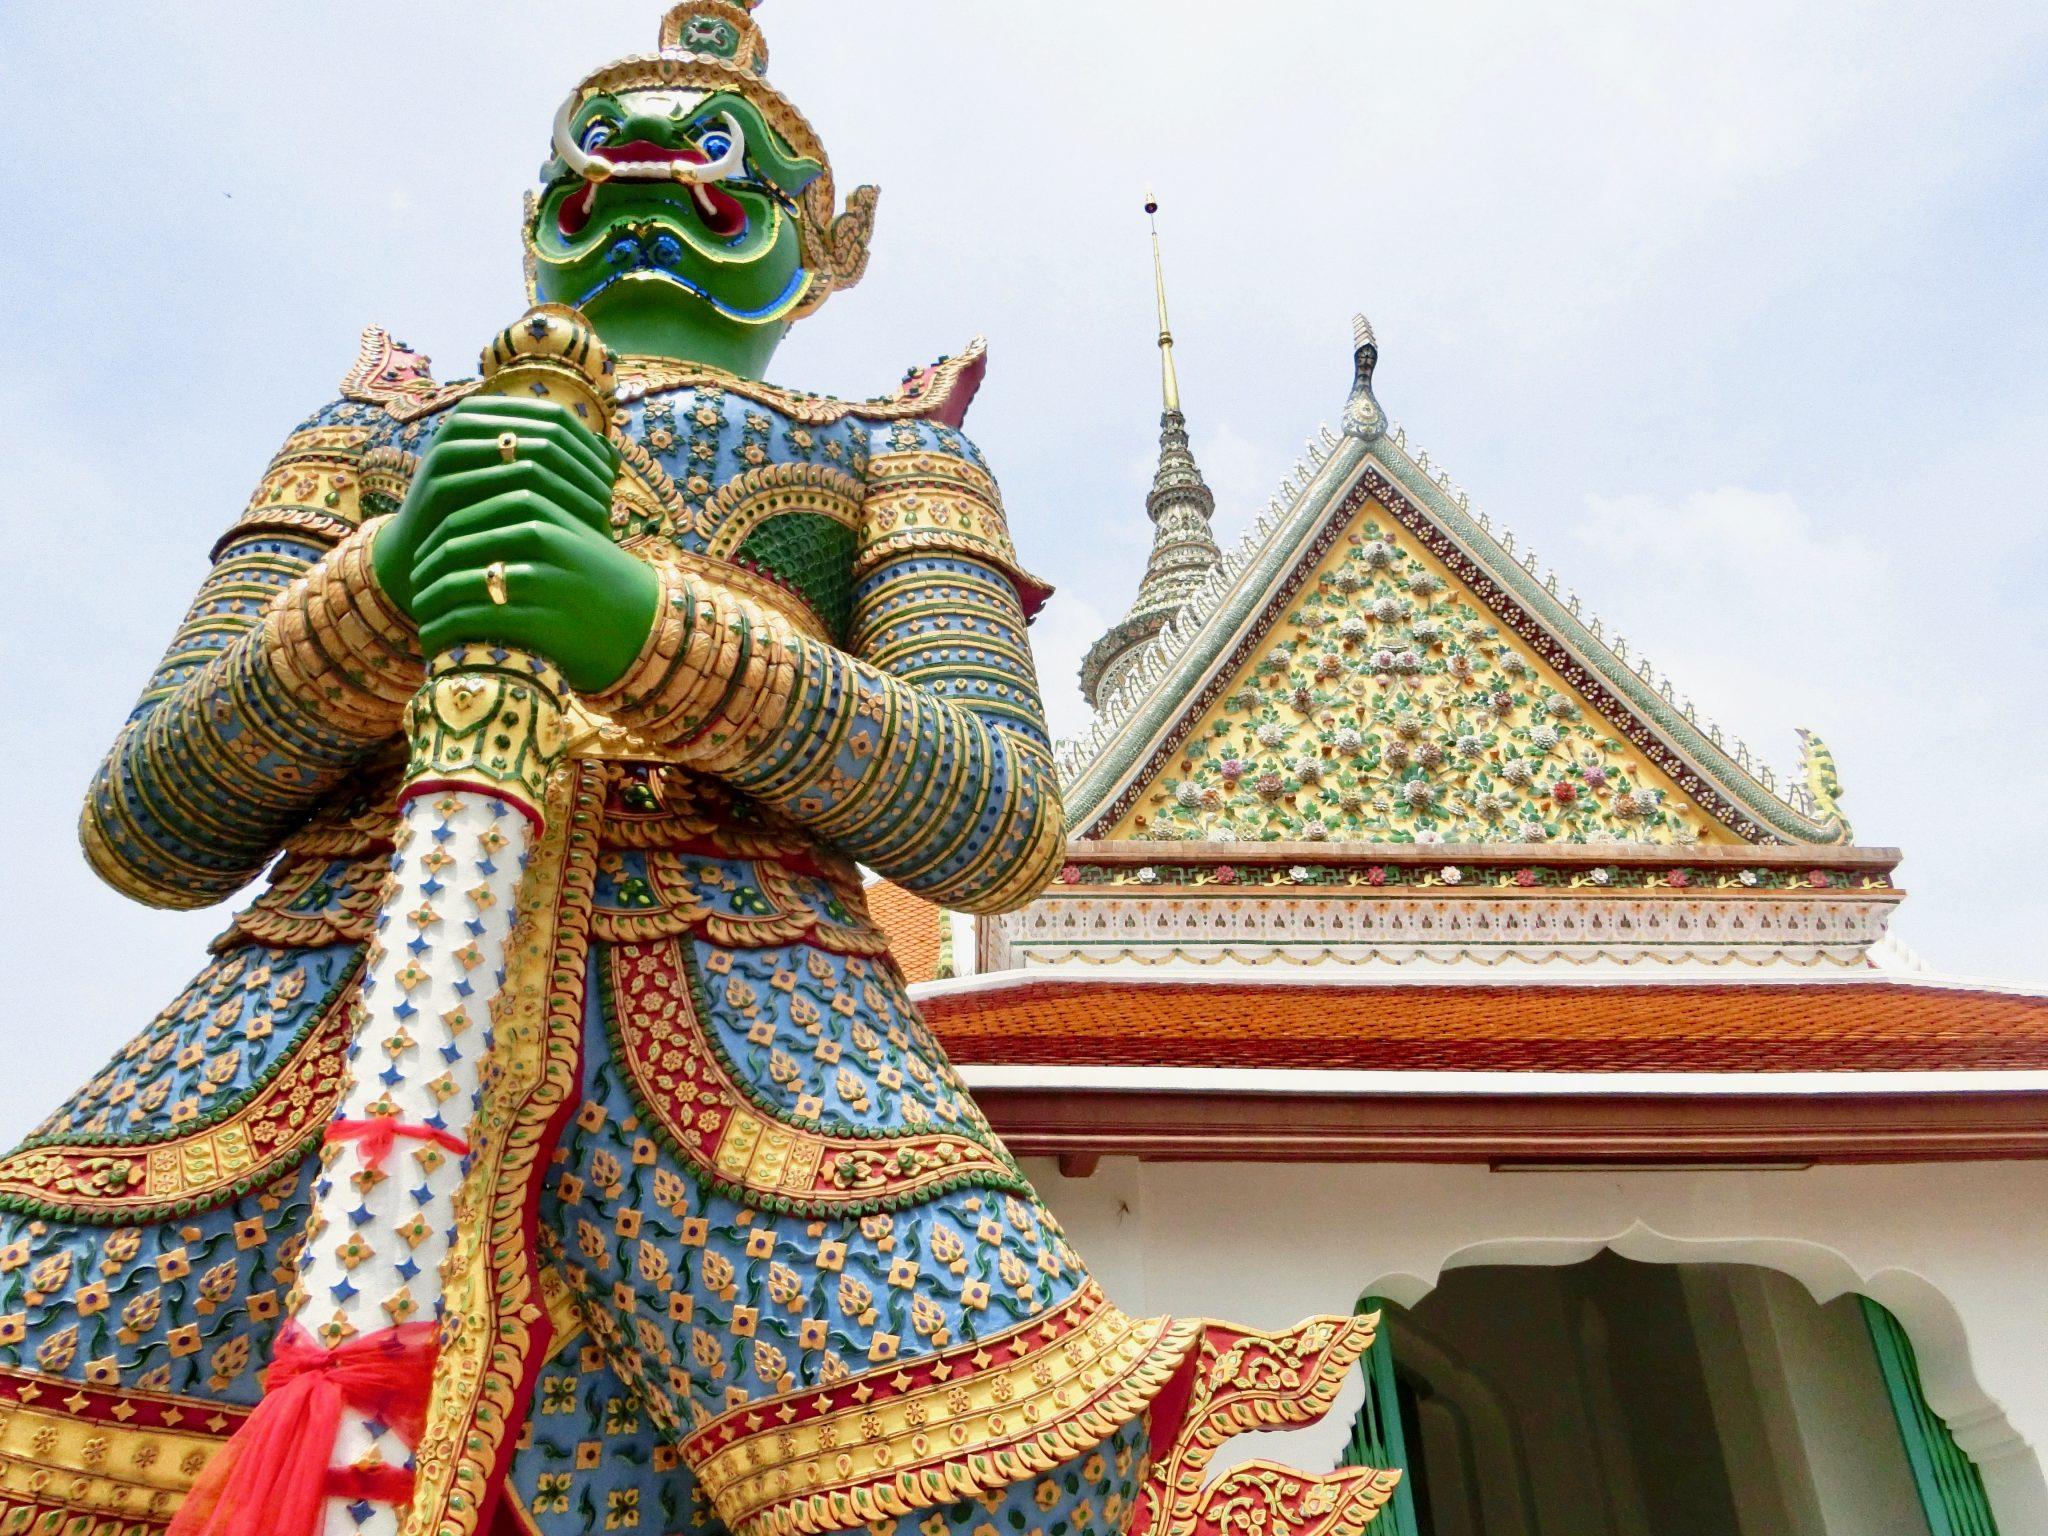 Thailand, Bangkok: Wat Arun (Tempel der Thailand, Bangkok: Wat Arun (Tempel der Morgenröte). Mittig der Yashka-Wächter ist eine Tür, welche dich zu einem Tempel führt.Morgenröte)Yashka-Wächter, die über das Tempelgelände wachen.